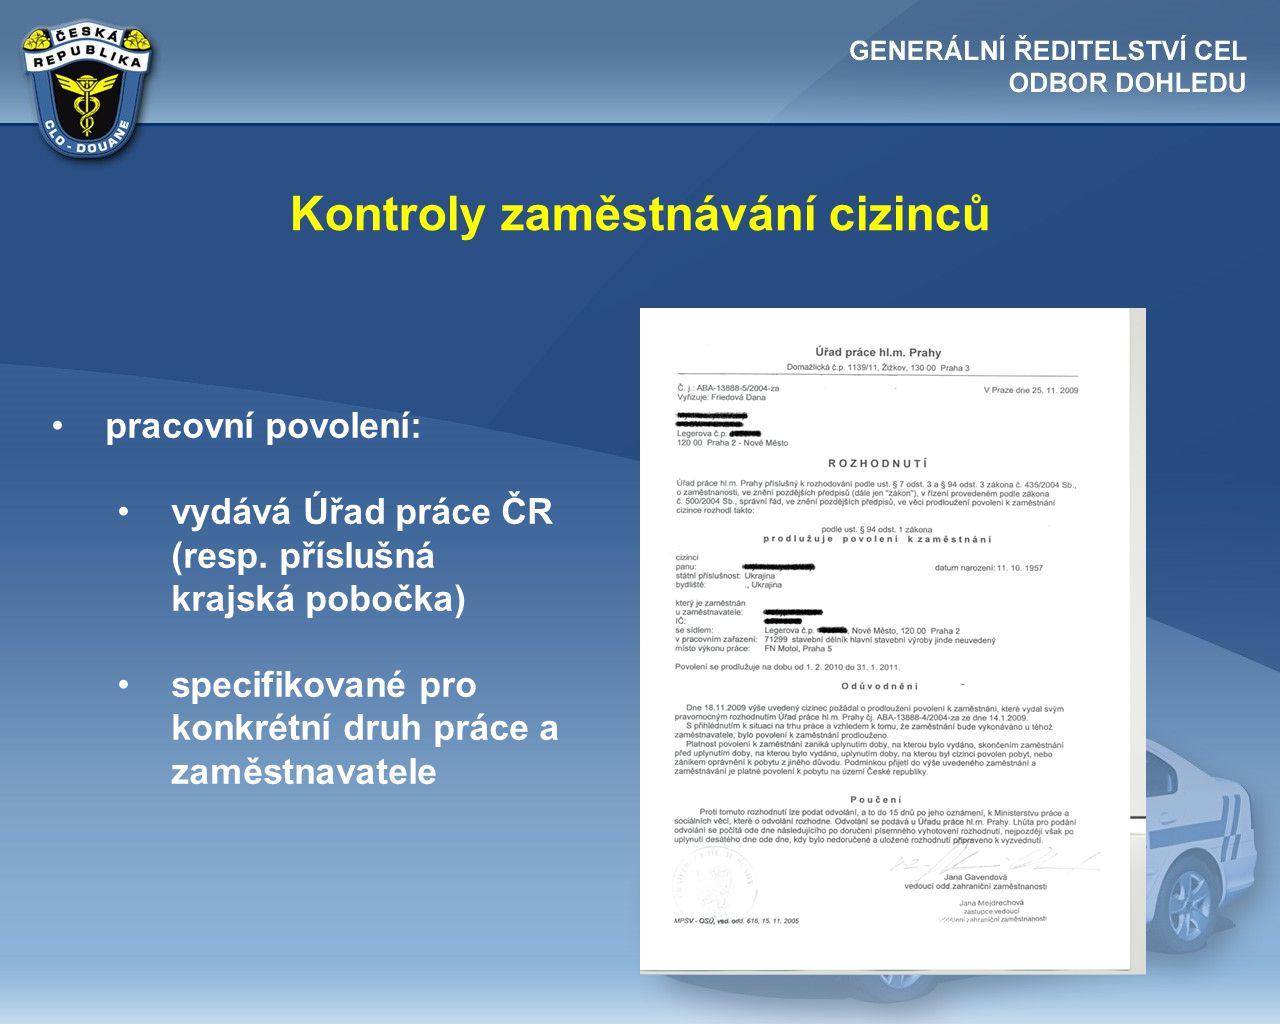 Kontroly zaměstnávání cizinců •pracovní povolení: •vydává Úřad práce ČR (resp. příslušná krajská pobočka) •specifikované pro konkrétní druh práce a za